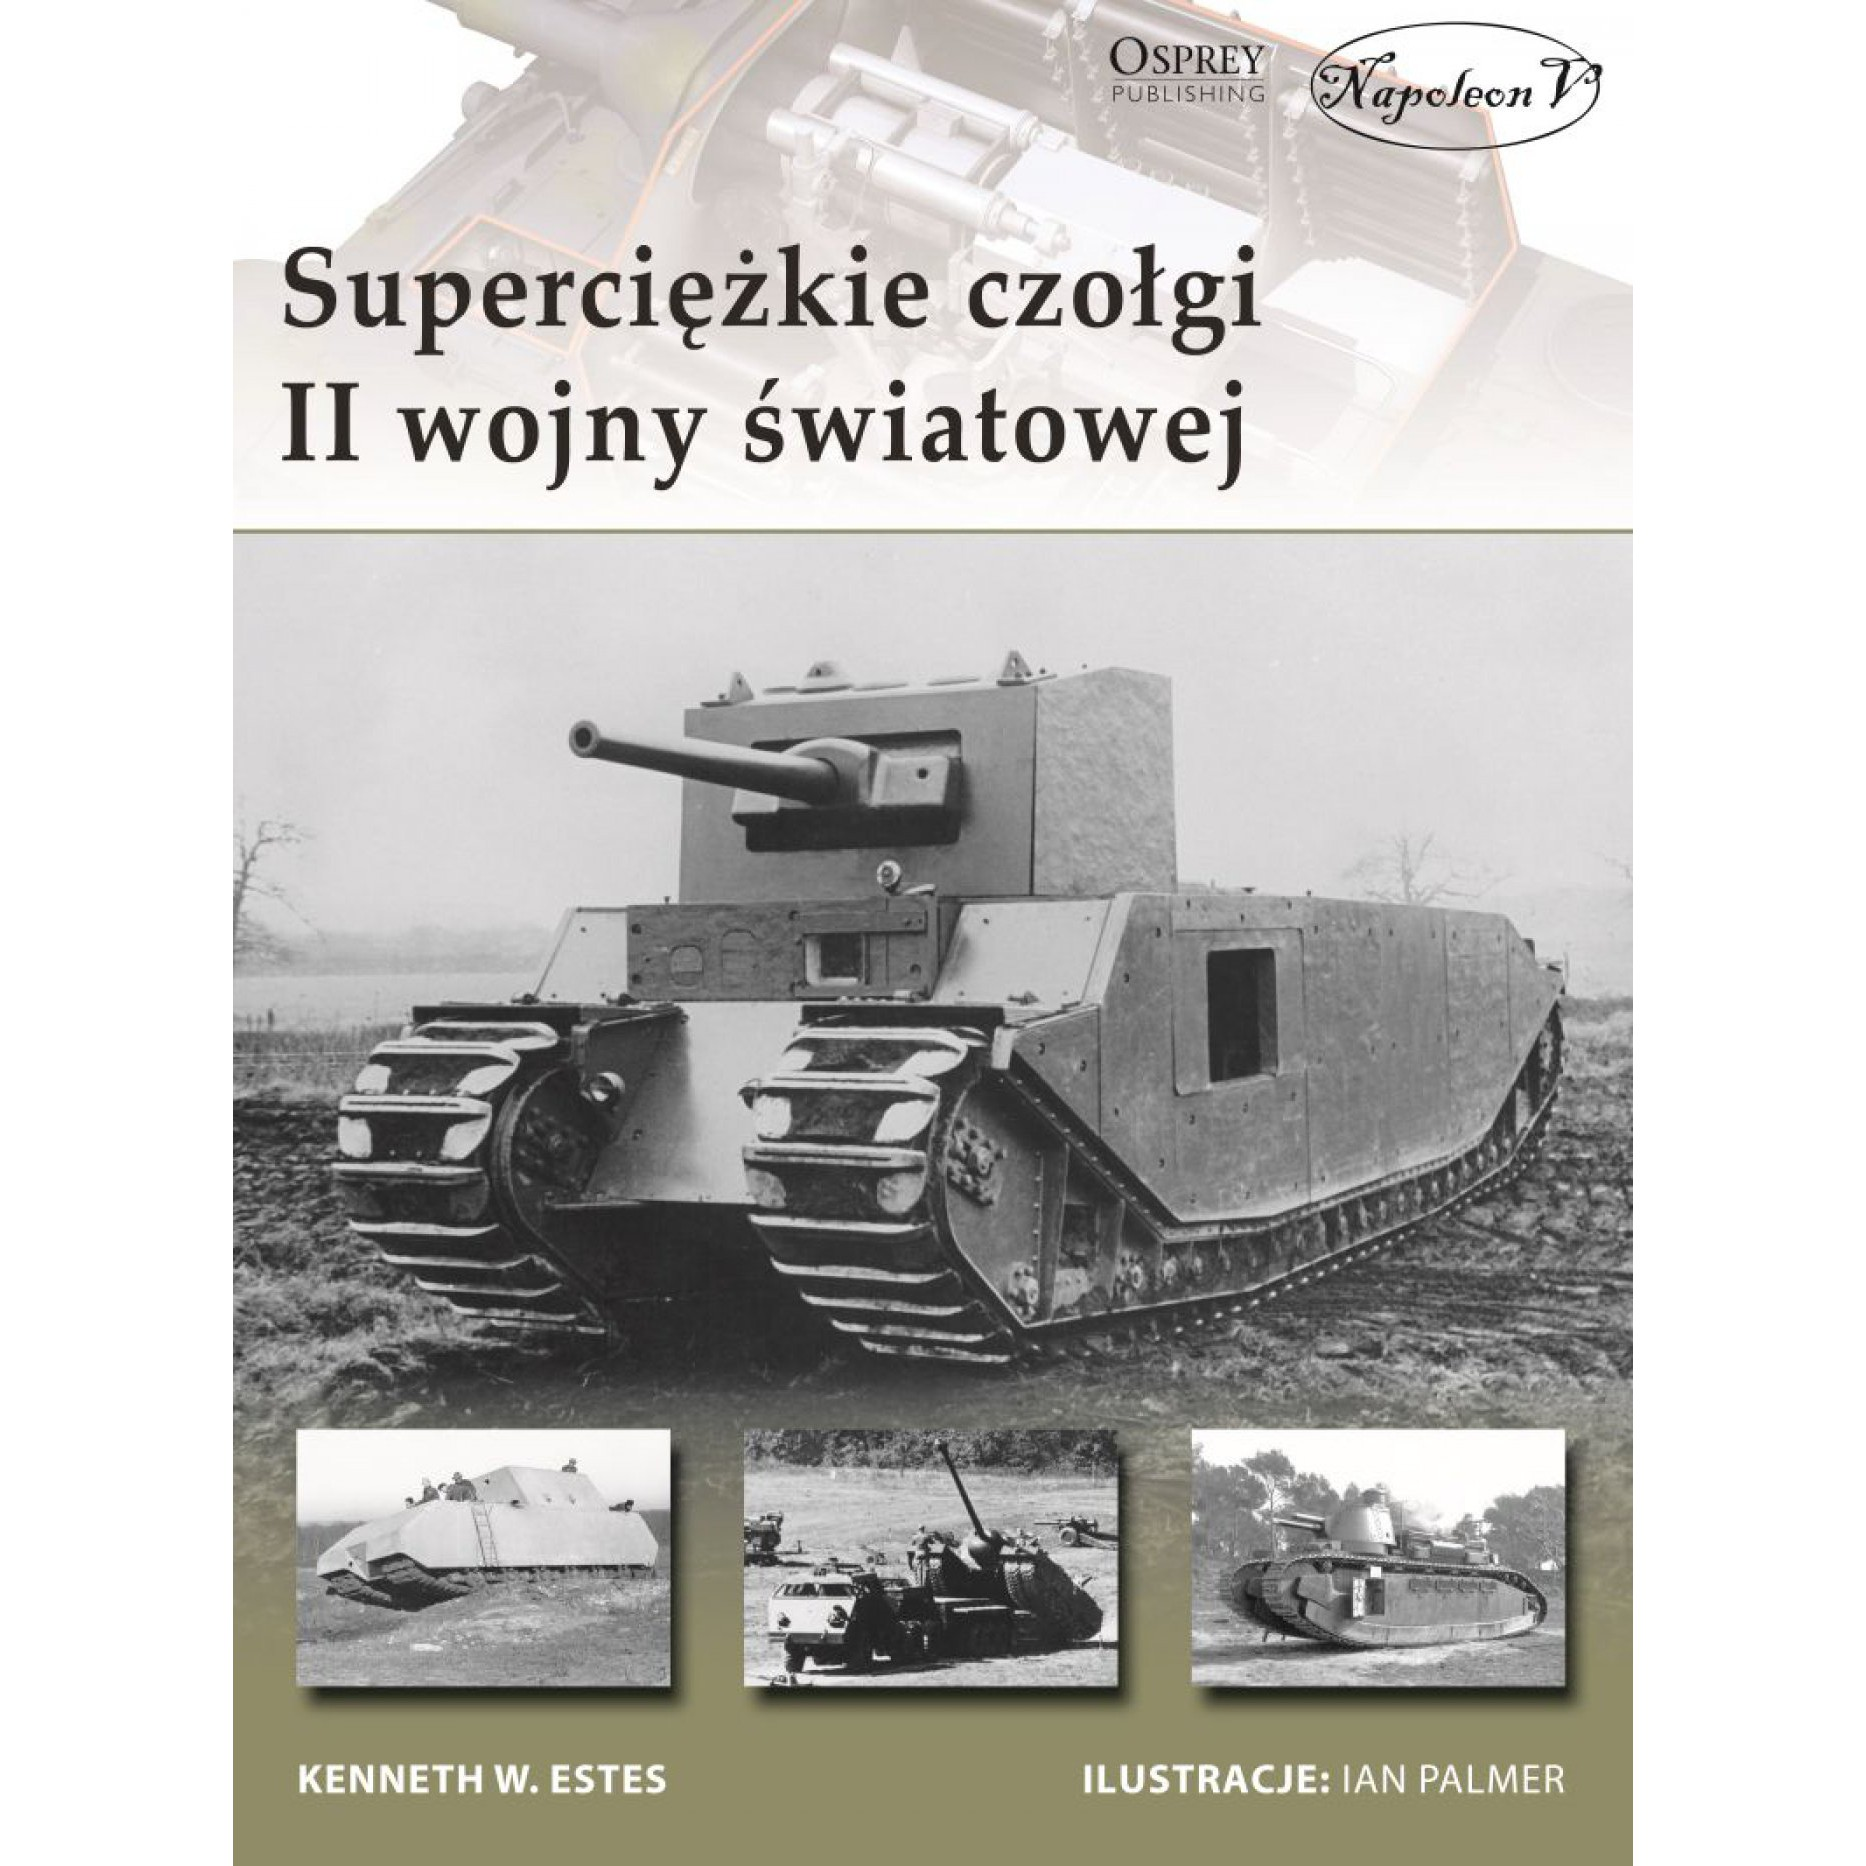 Superciężkie czołgi II wojny światowej